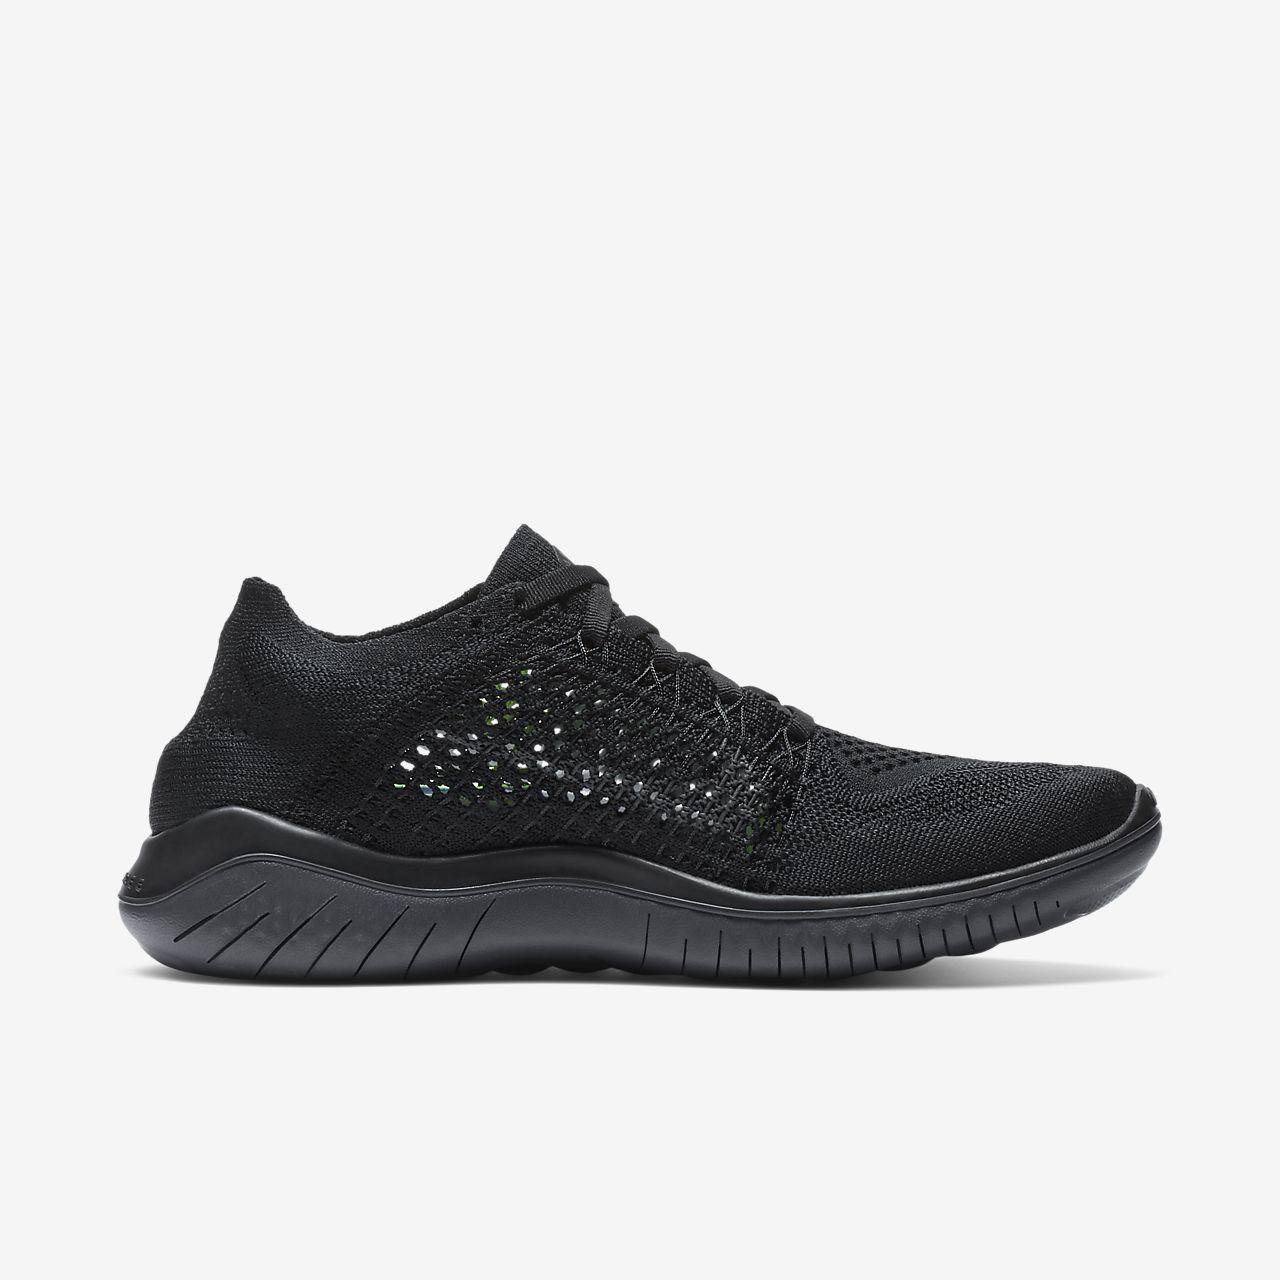 new concept 66e42 526e1 ... Calzado de running para mujer Nike Free RN Flyknit 2018